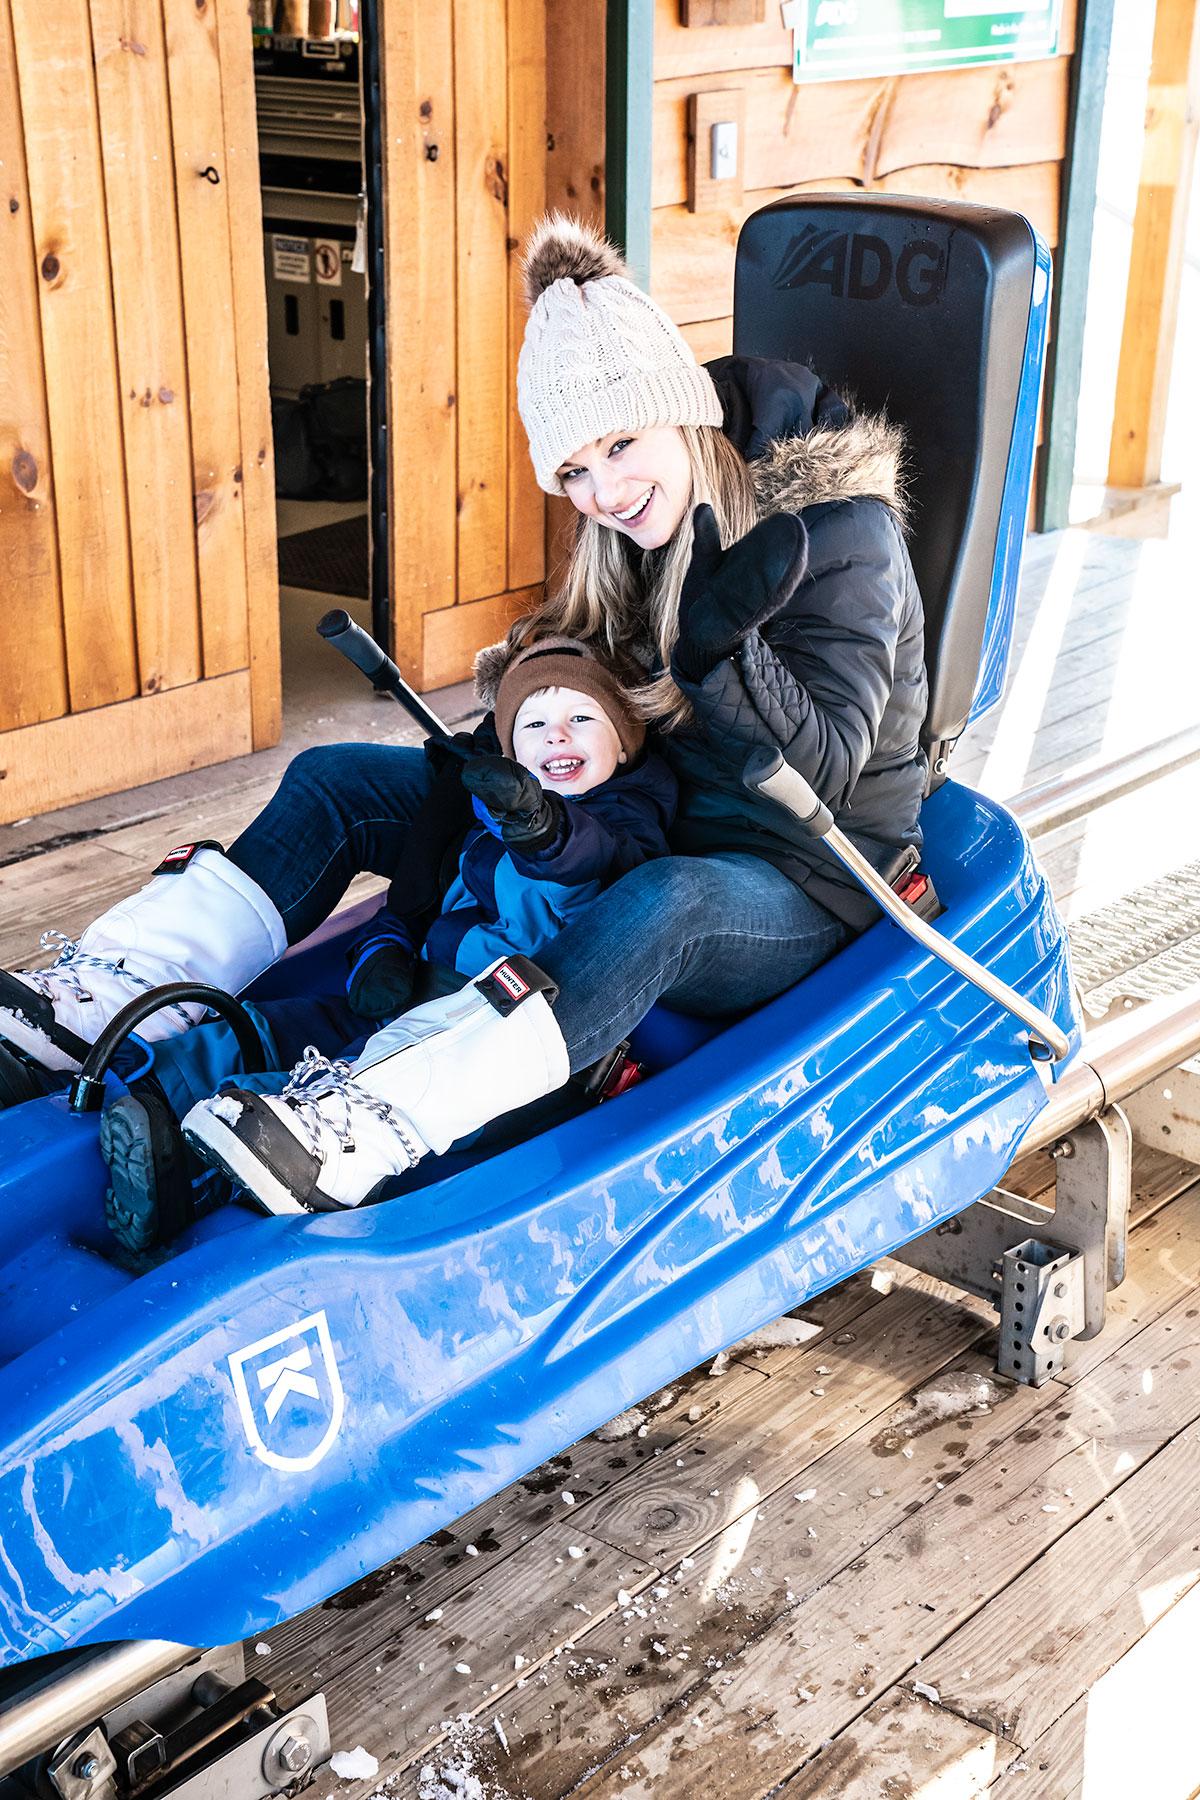 Mountain-Coaster-at-Killington-Vermont